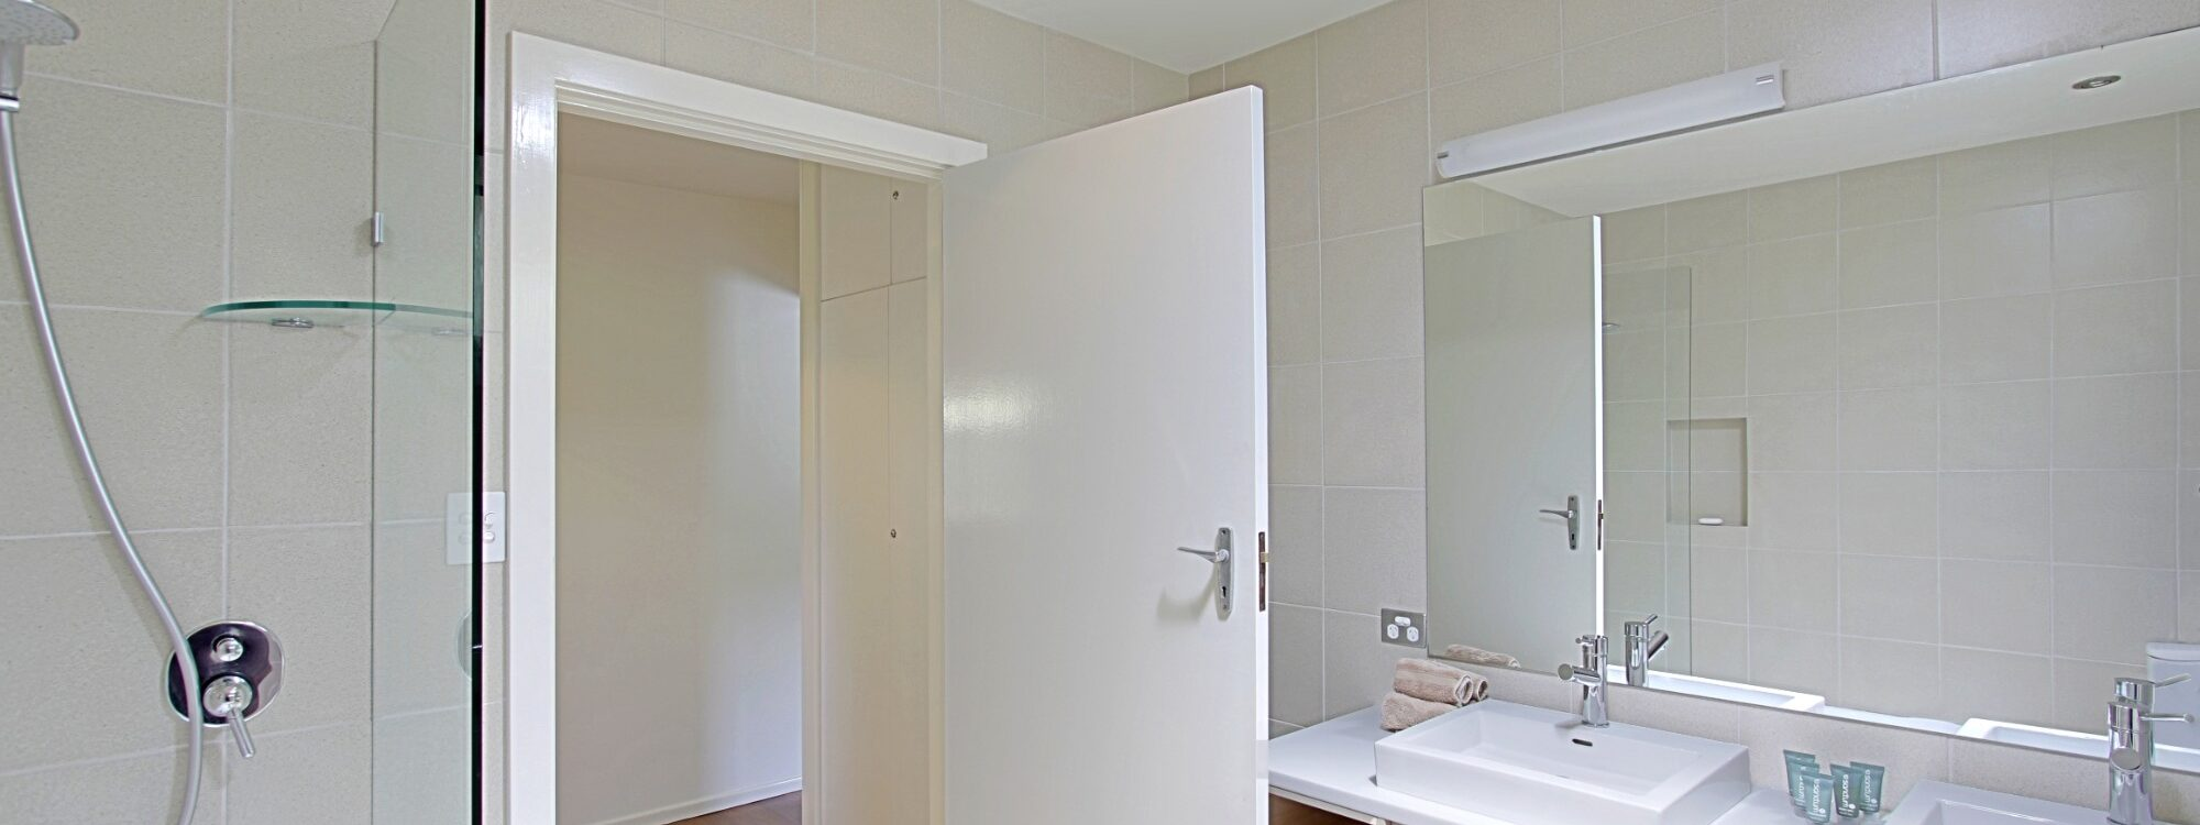 Mi Casa - Bathroom